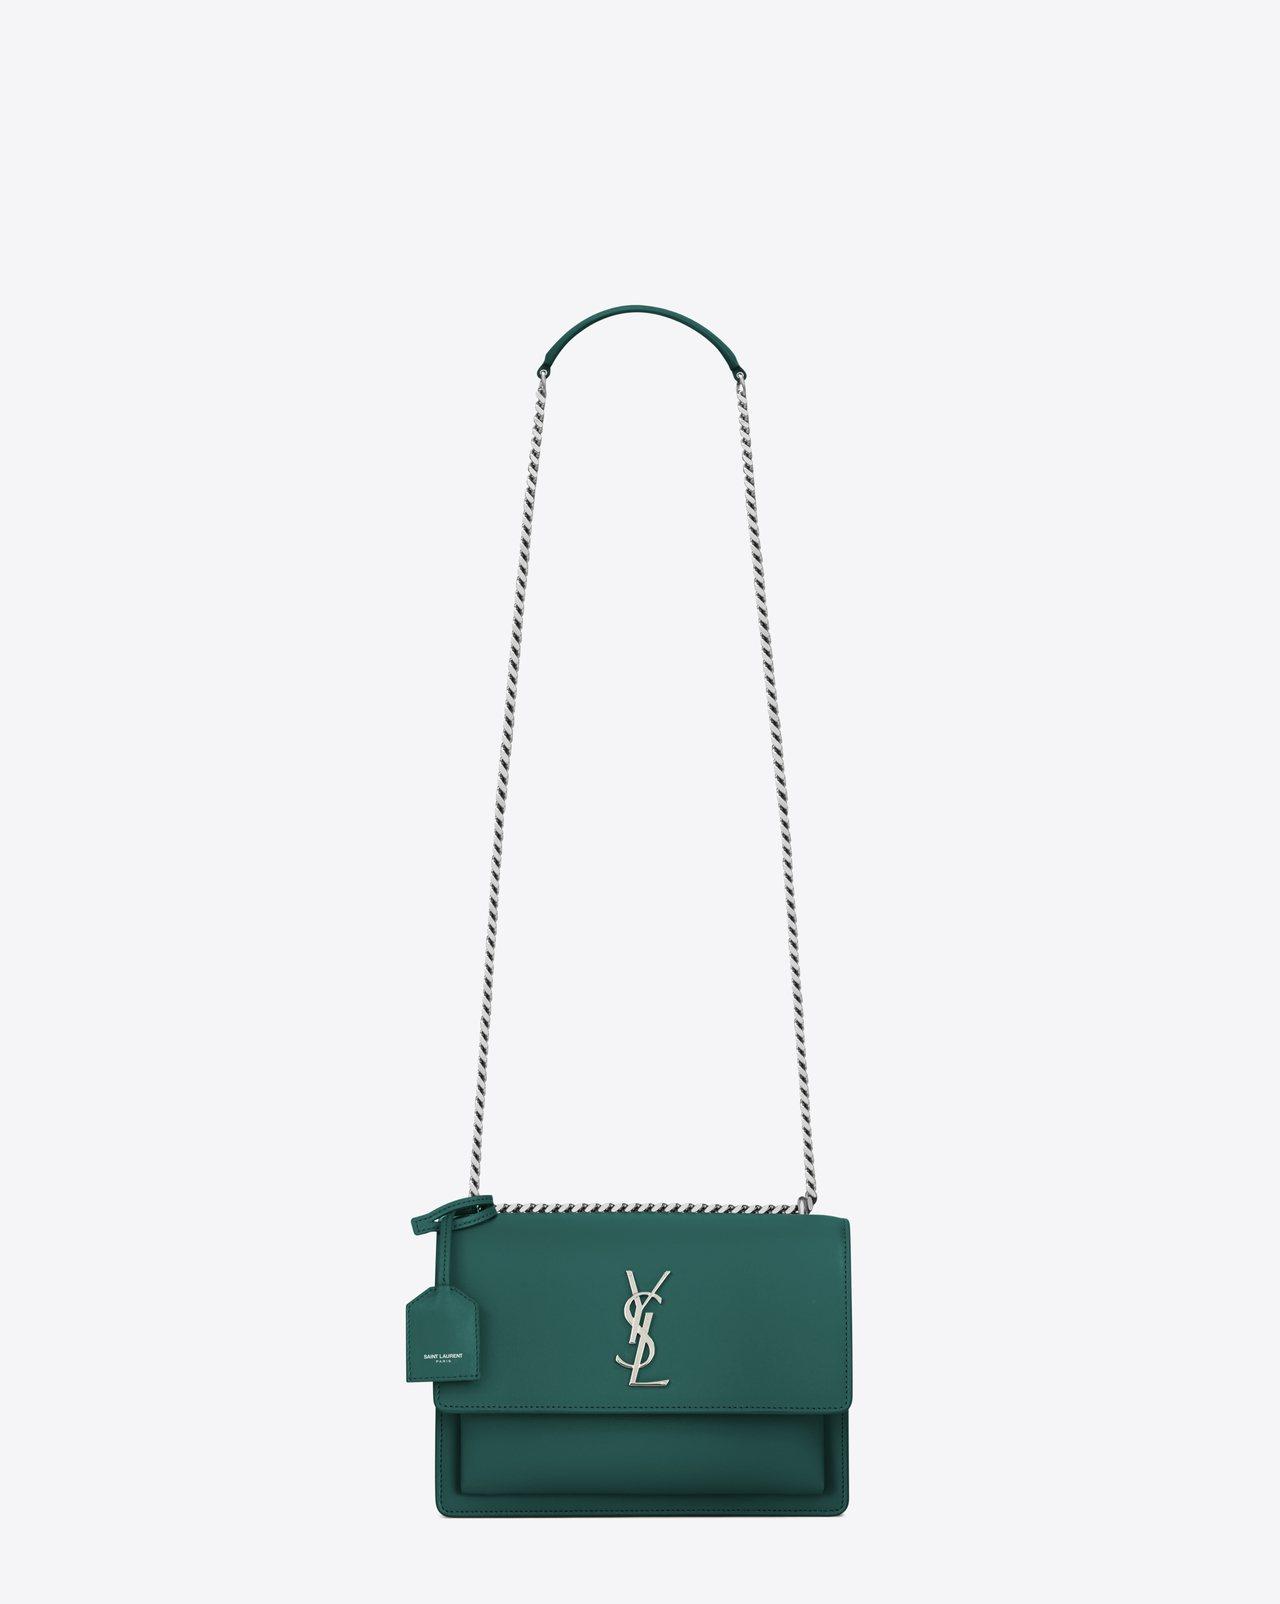 SUNSET水綠色鍊帶肩背包,75,400元。圖/Saint Laurent提供